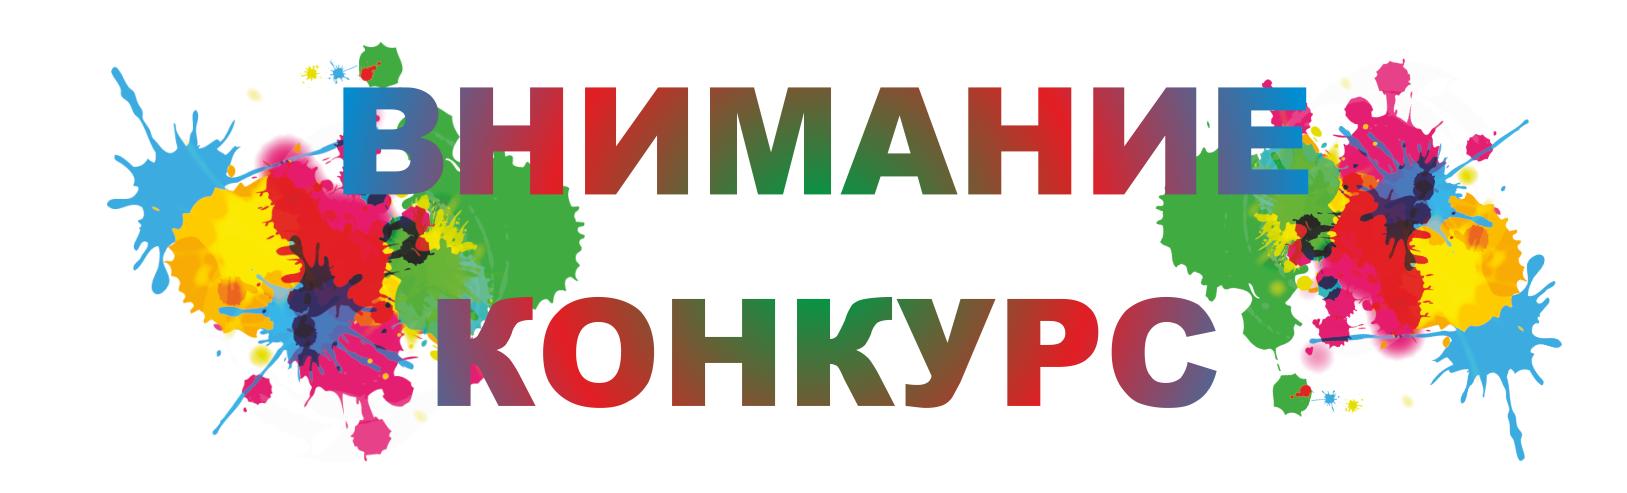 http://www.dentideal.ru/uploads/konkurs25.png